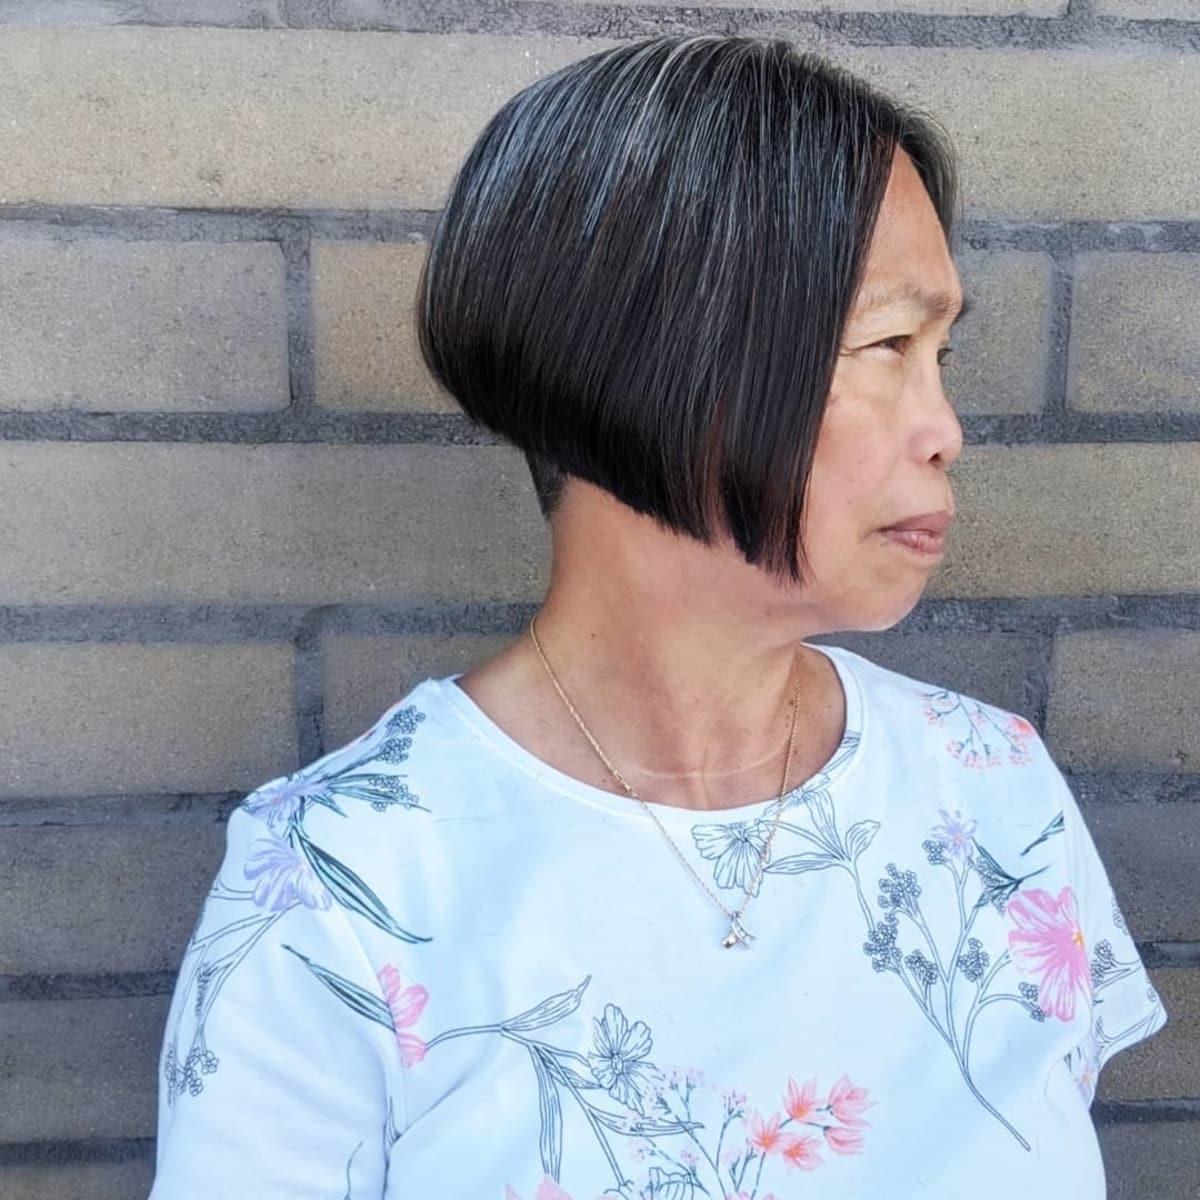 ligne a avec une sous-coupe pour les femmes de plus de 60 ans aux cheveux épais